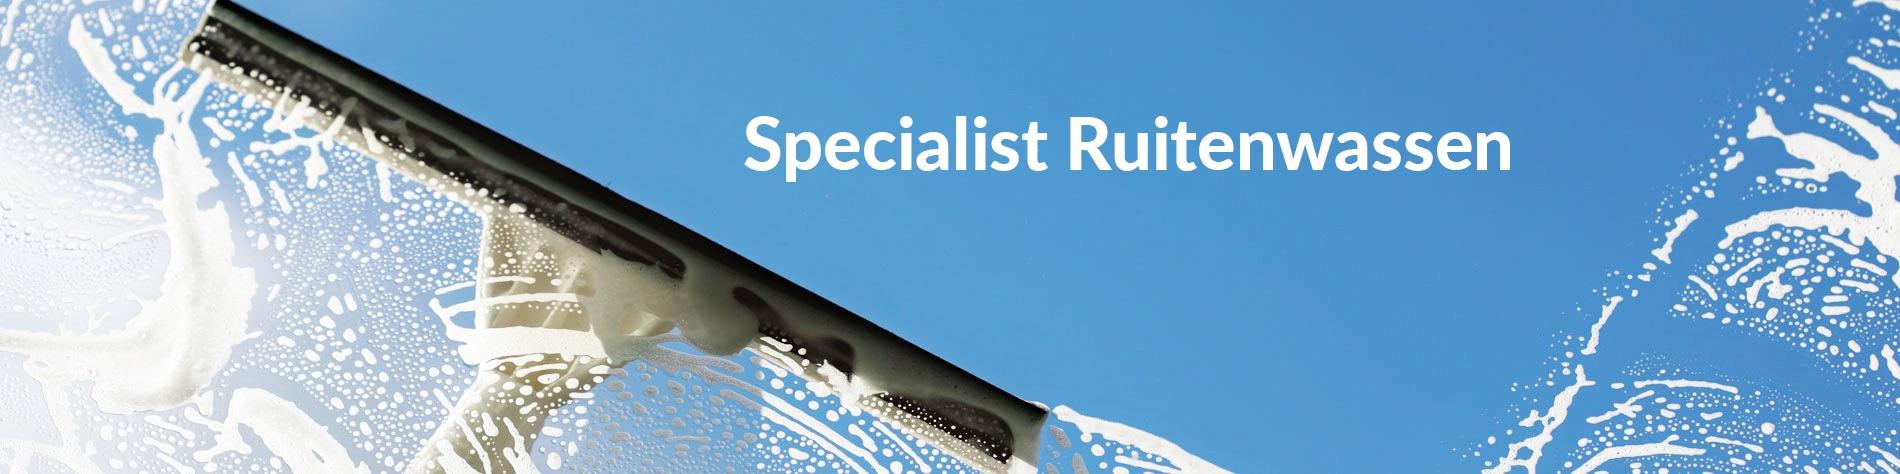 specialist-ruitenwassen